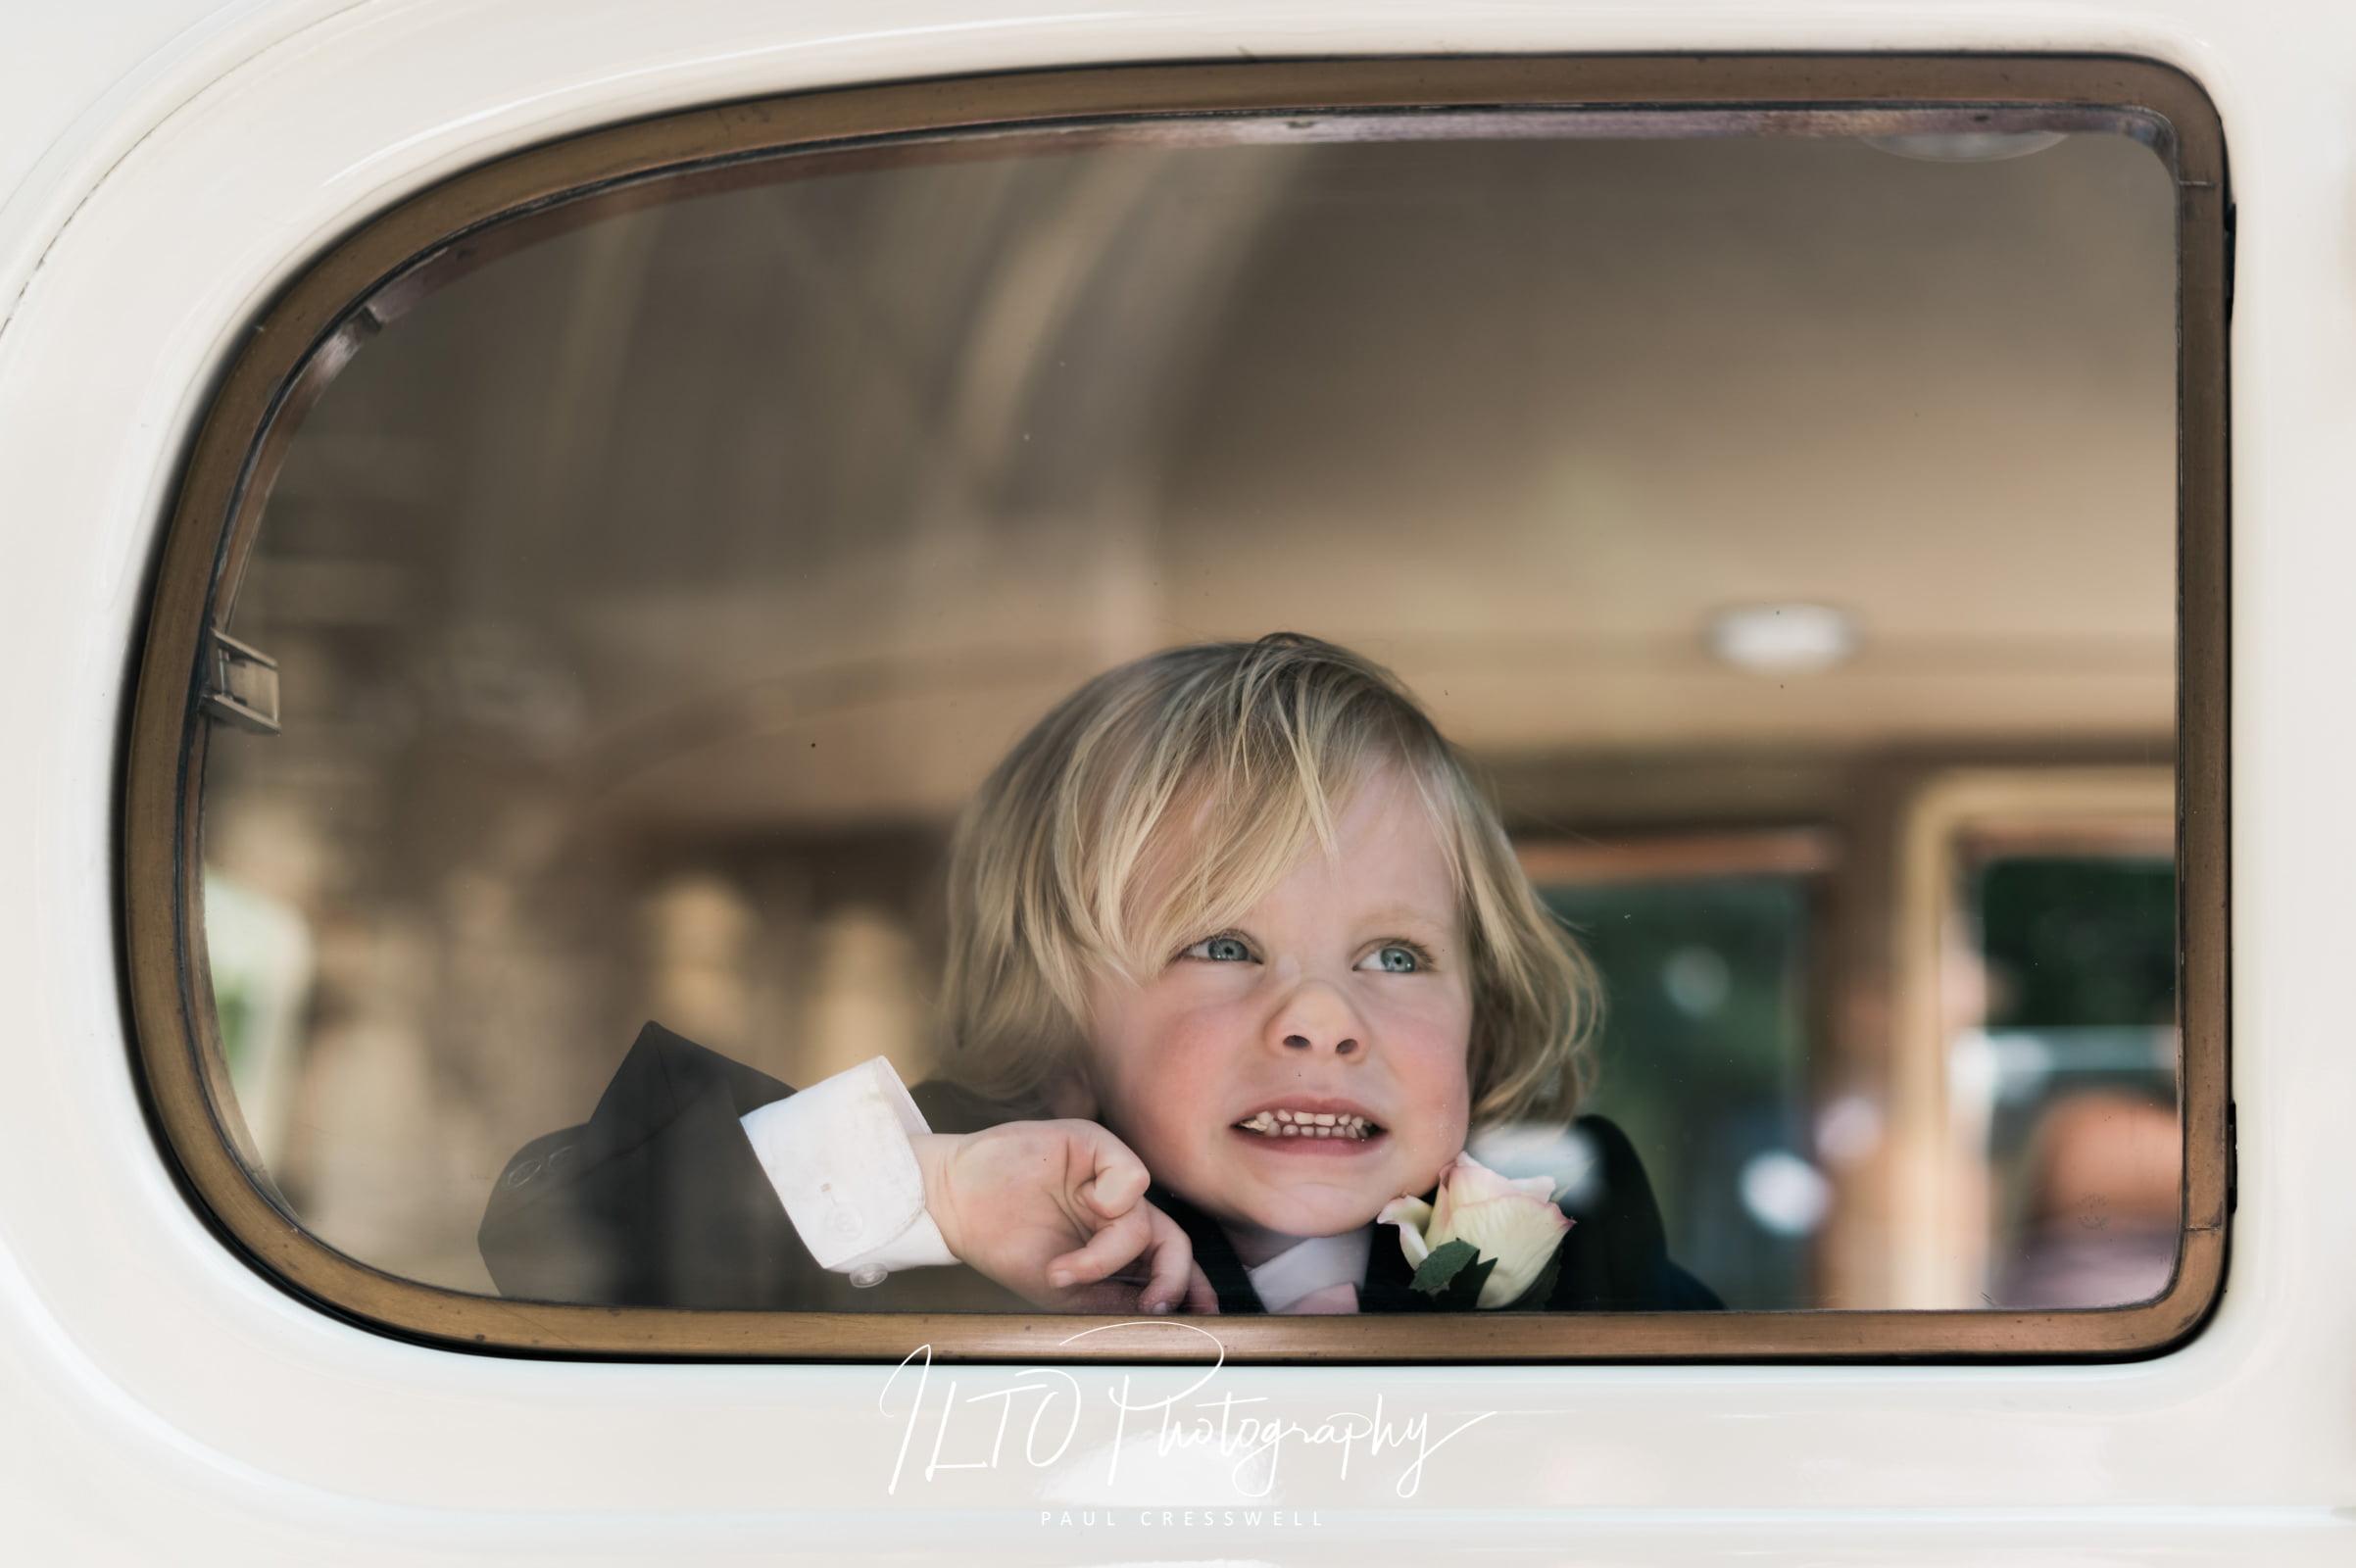 Wedding Portfolio, boy pressed wedding car window